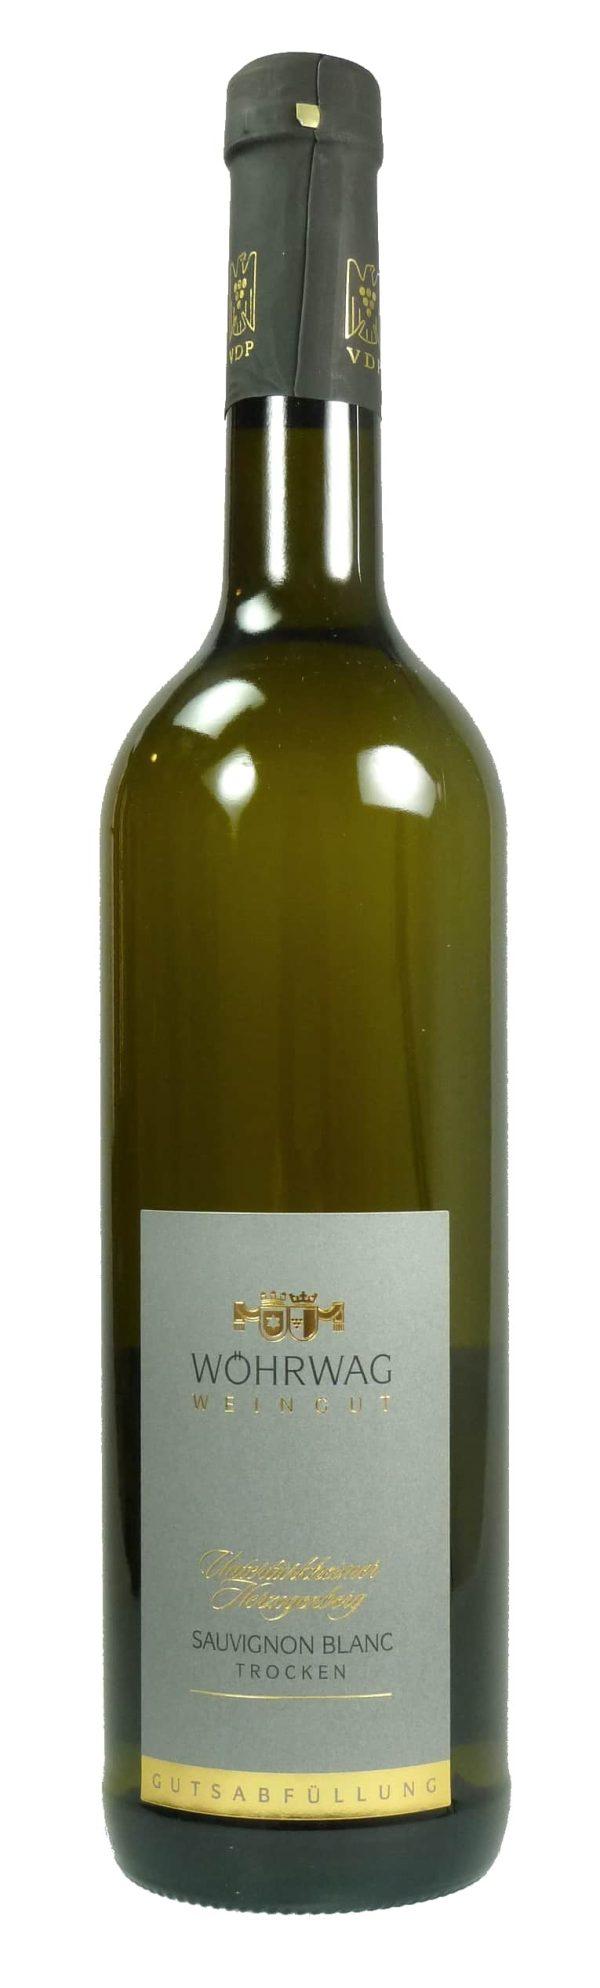 Untertürkheimer Herzogenberg Sauvignon blanc Qualitätswein trocken 2017